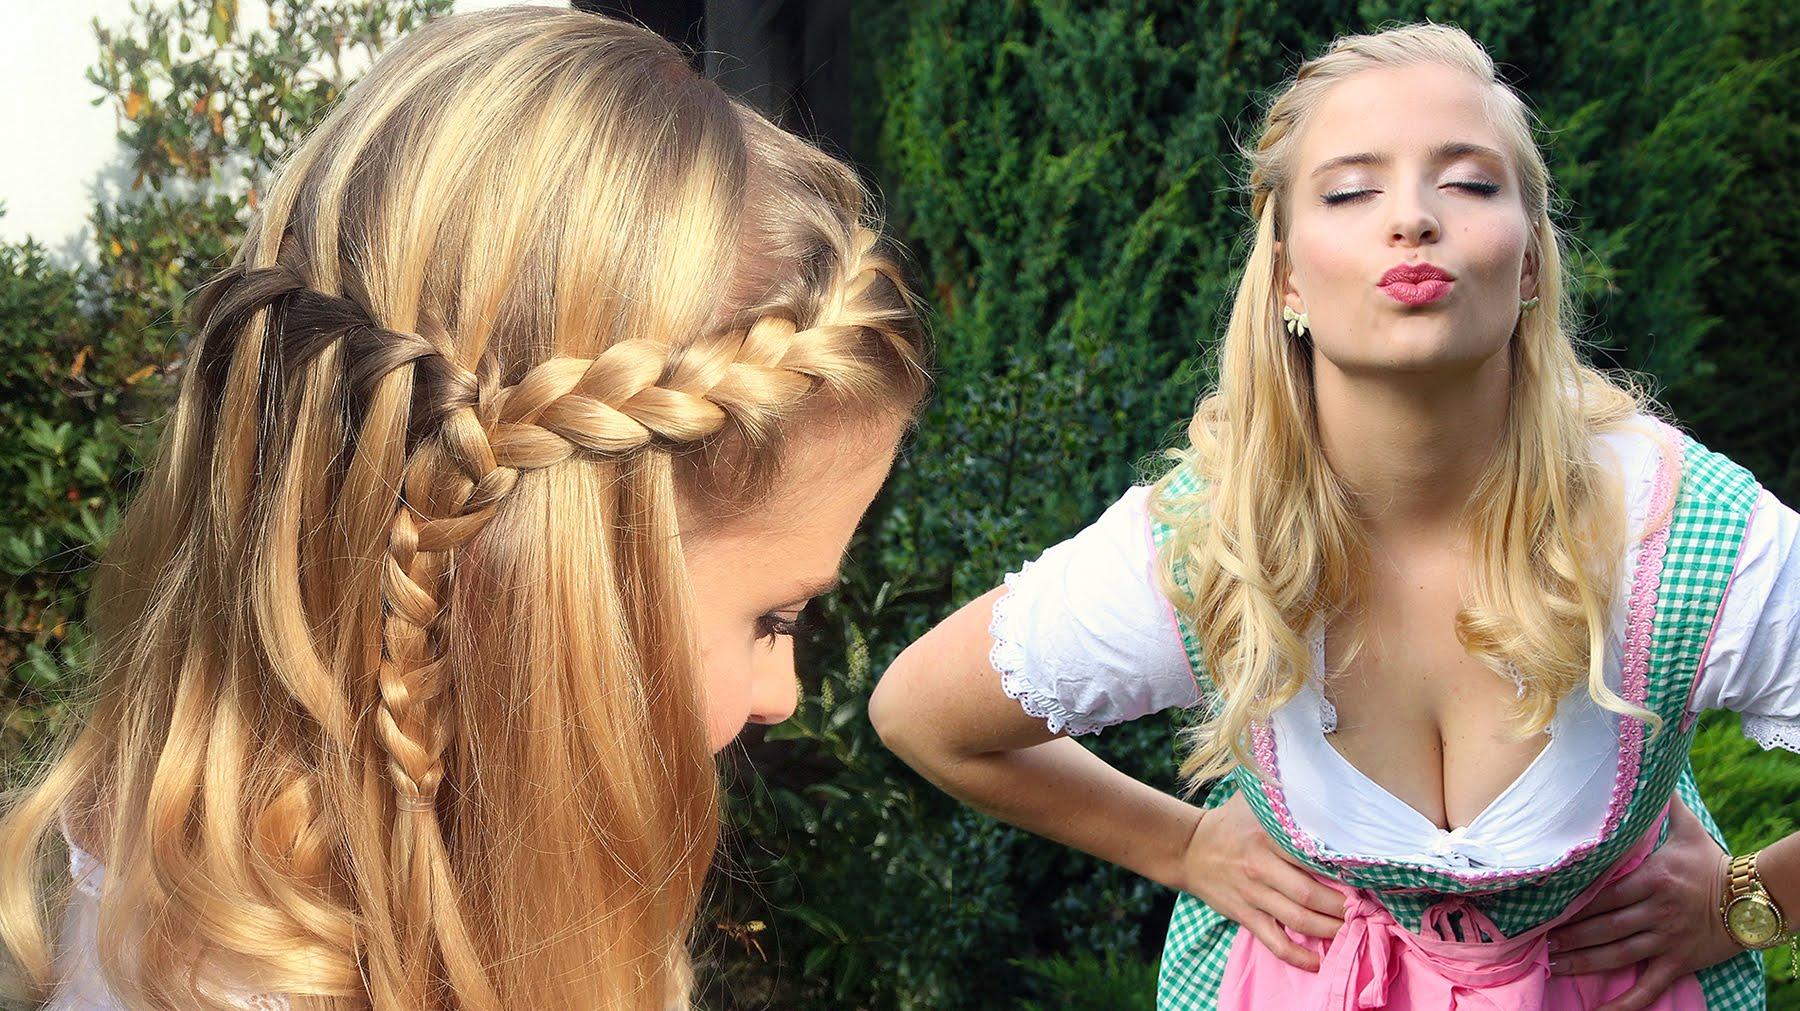 Oktoberfest – Frisur, Makeup & Dirndl – Perfekter Wiesn Look